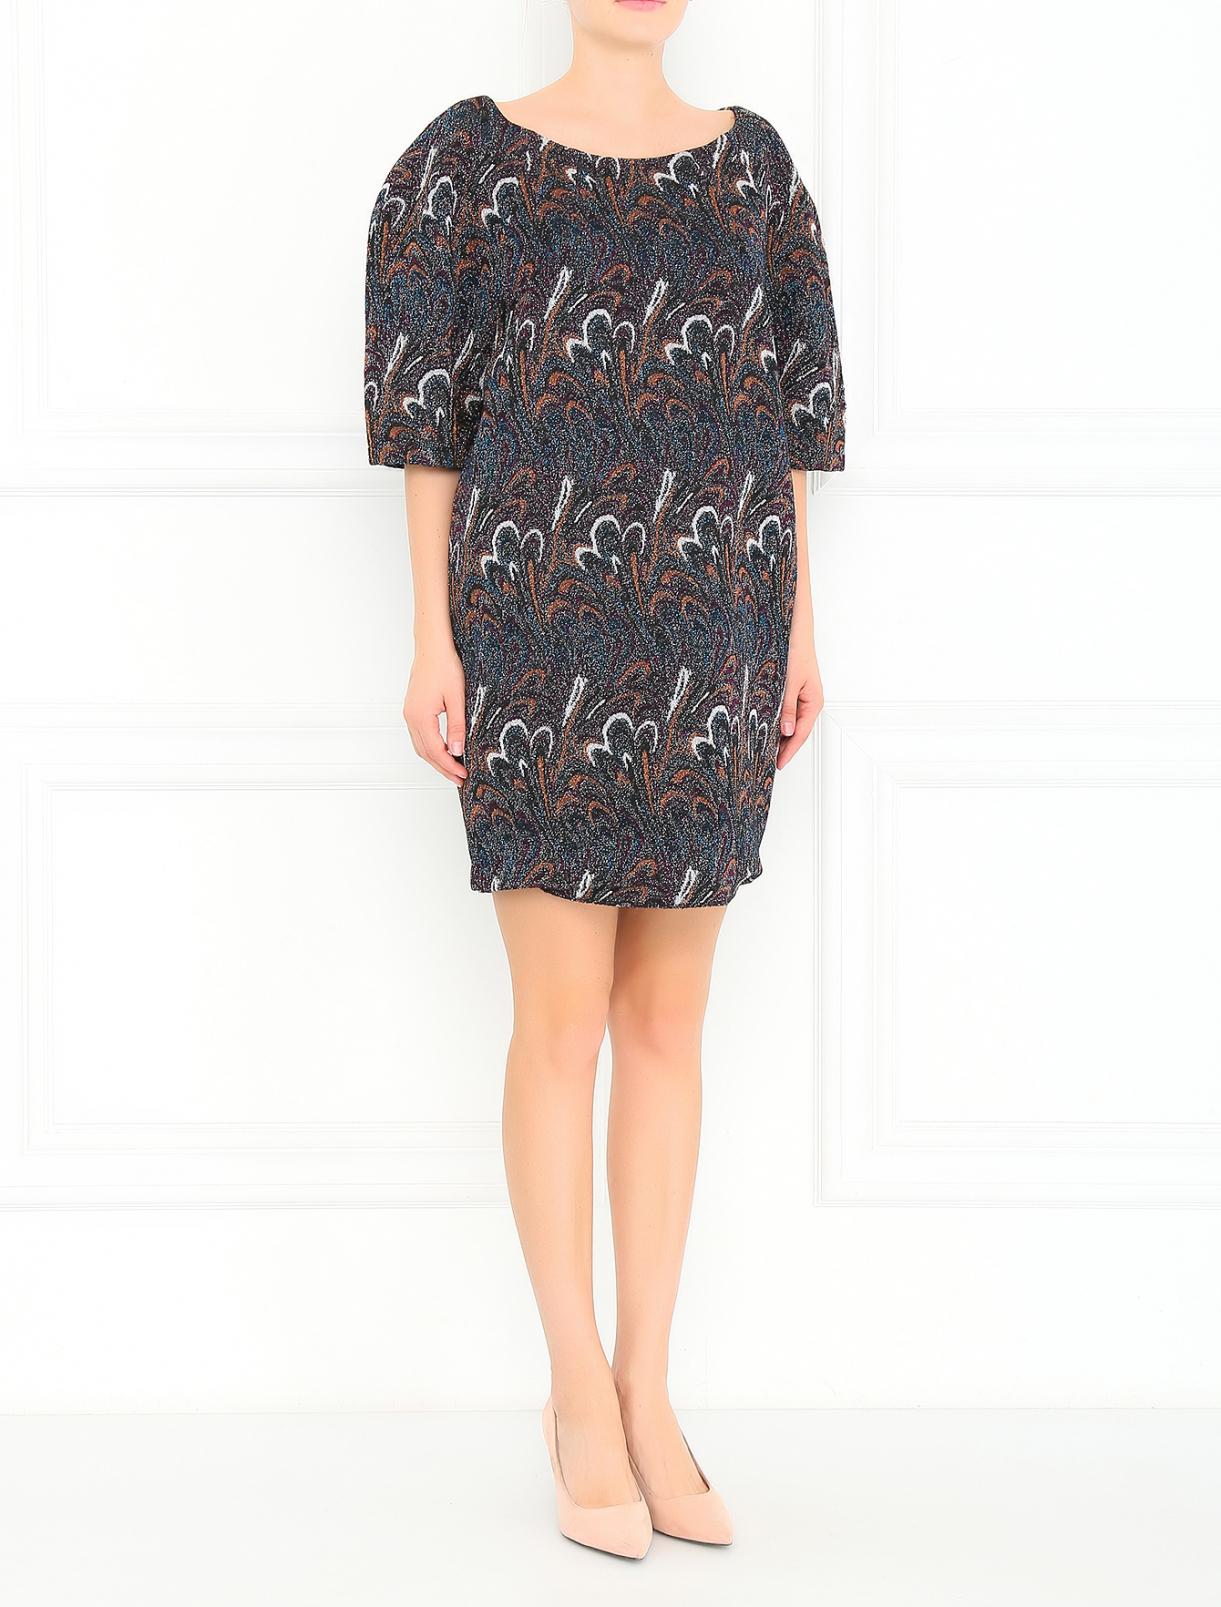 Платье с короткими рукавами и узором GIG Couture  –  Модель Общий вид  – Цвет:  Синий